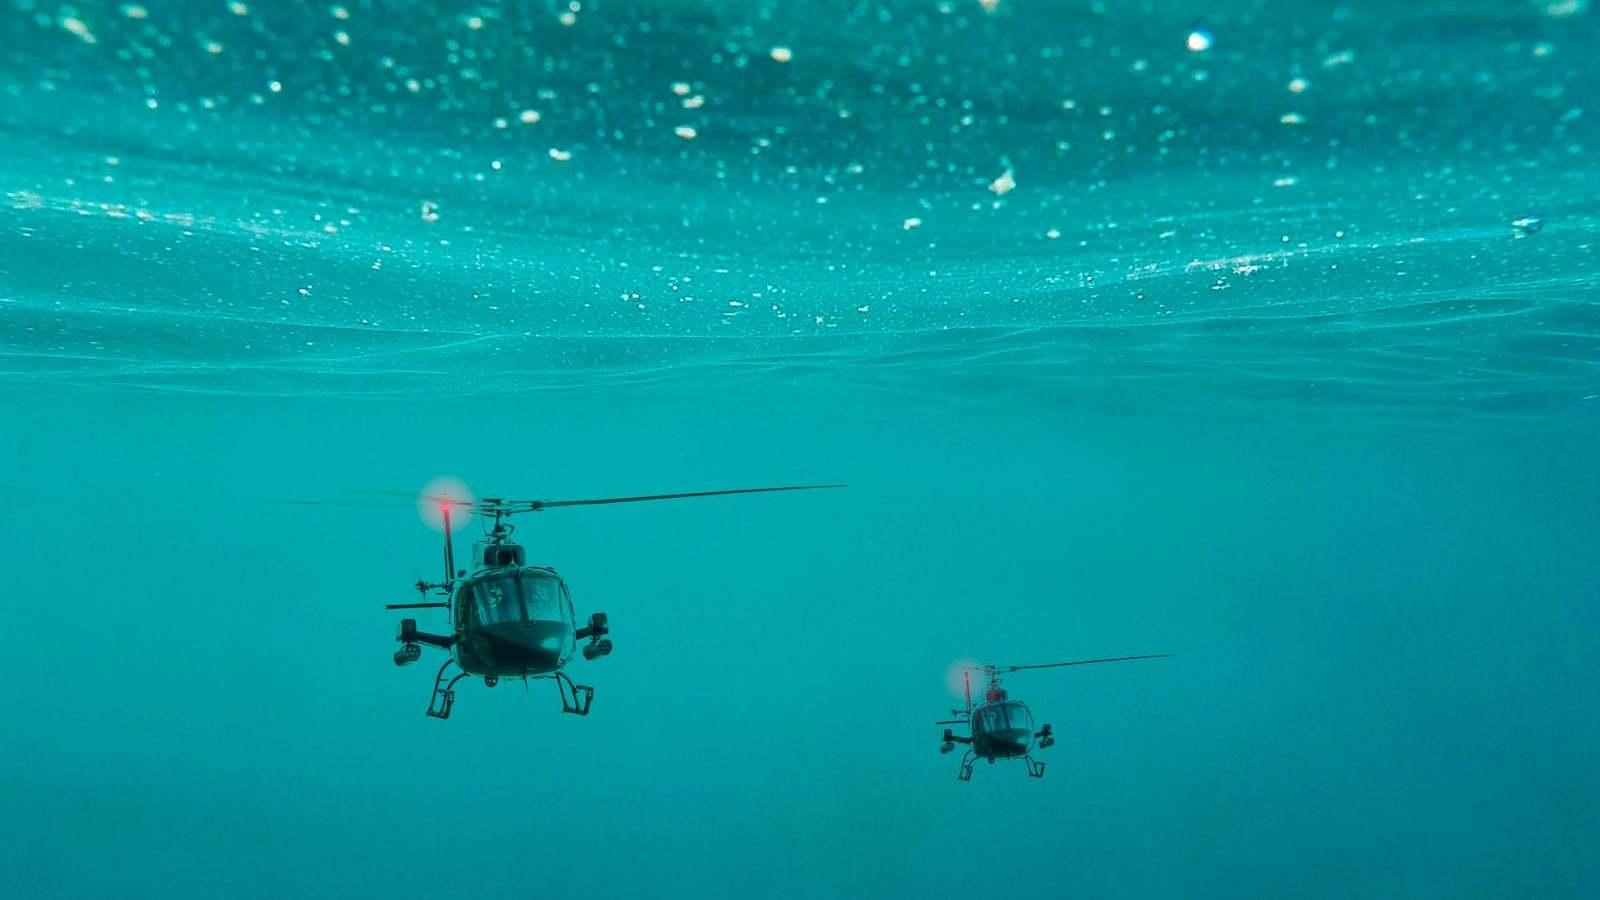 helikopterek a víz alatt